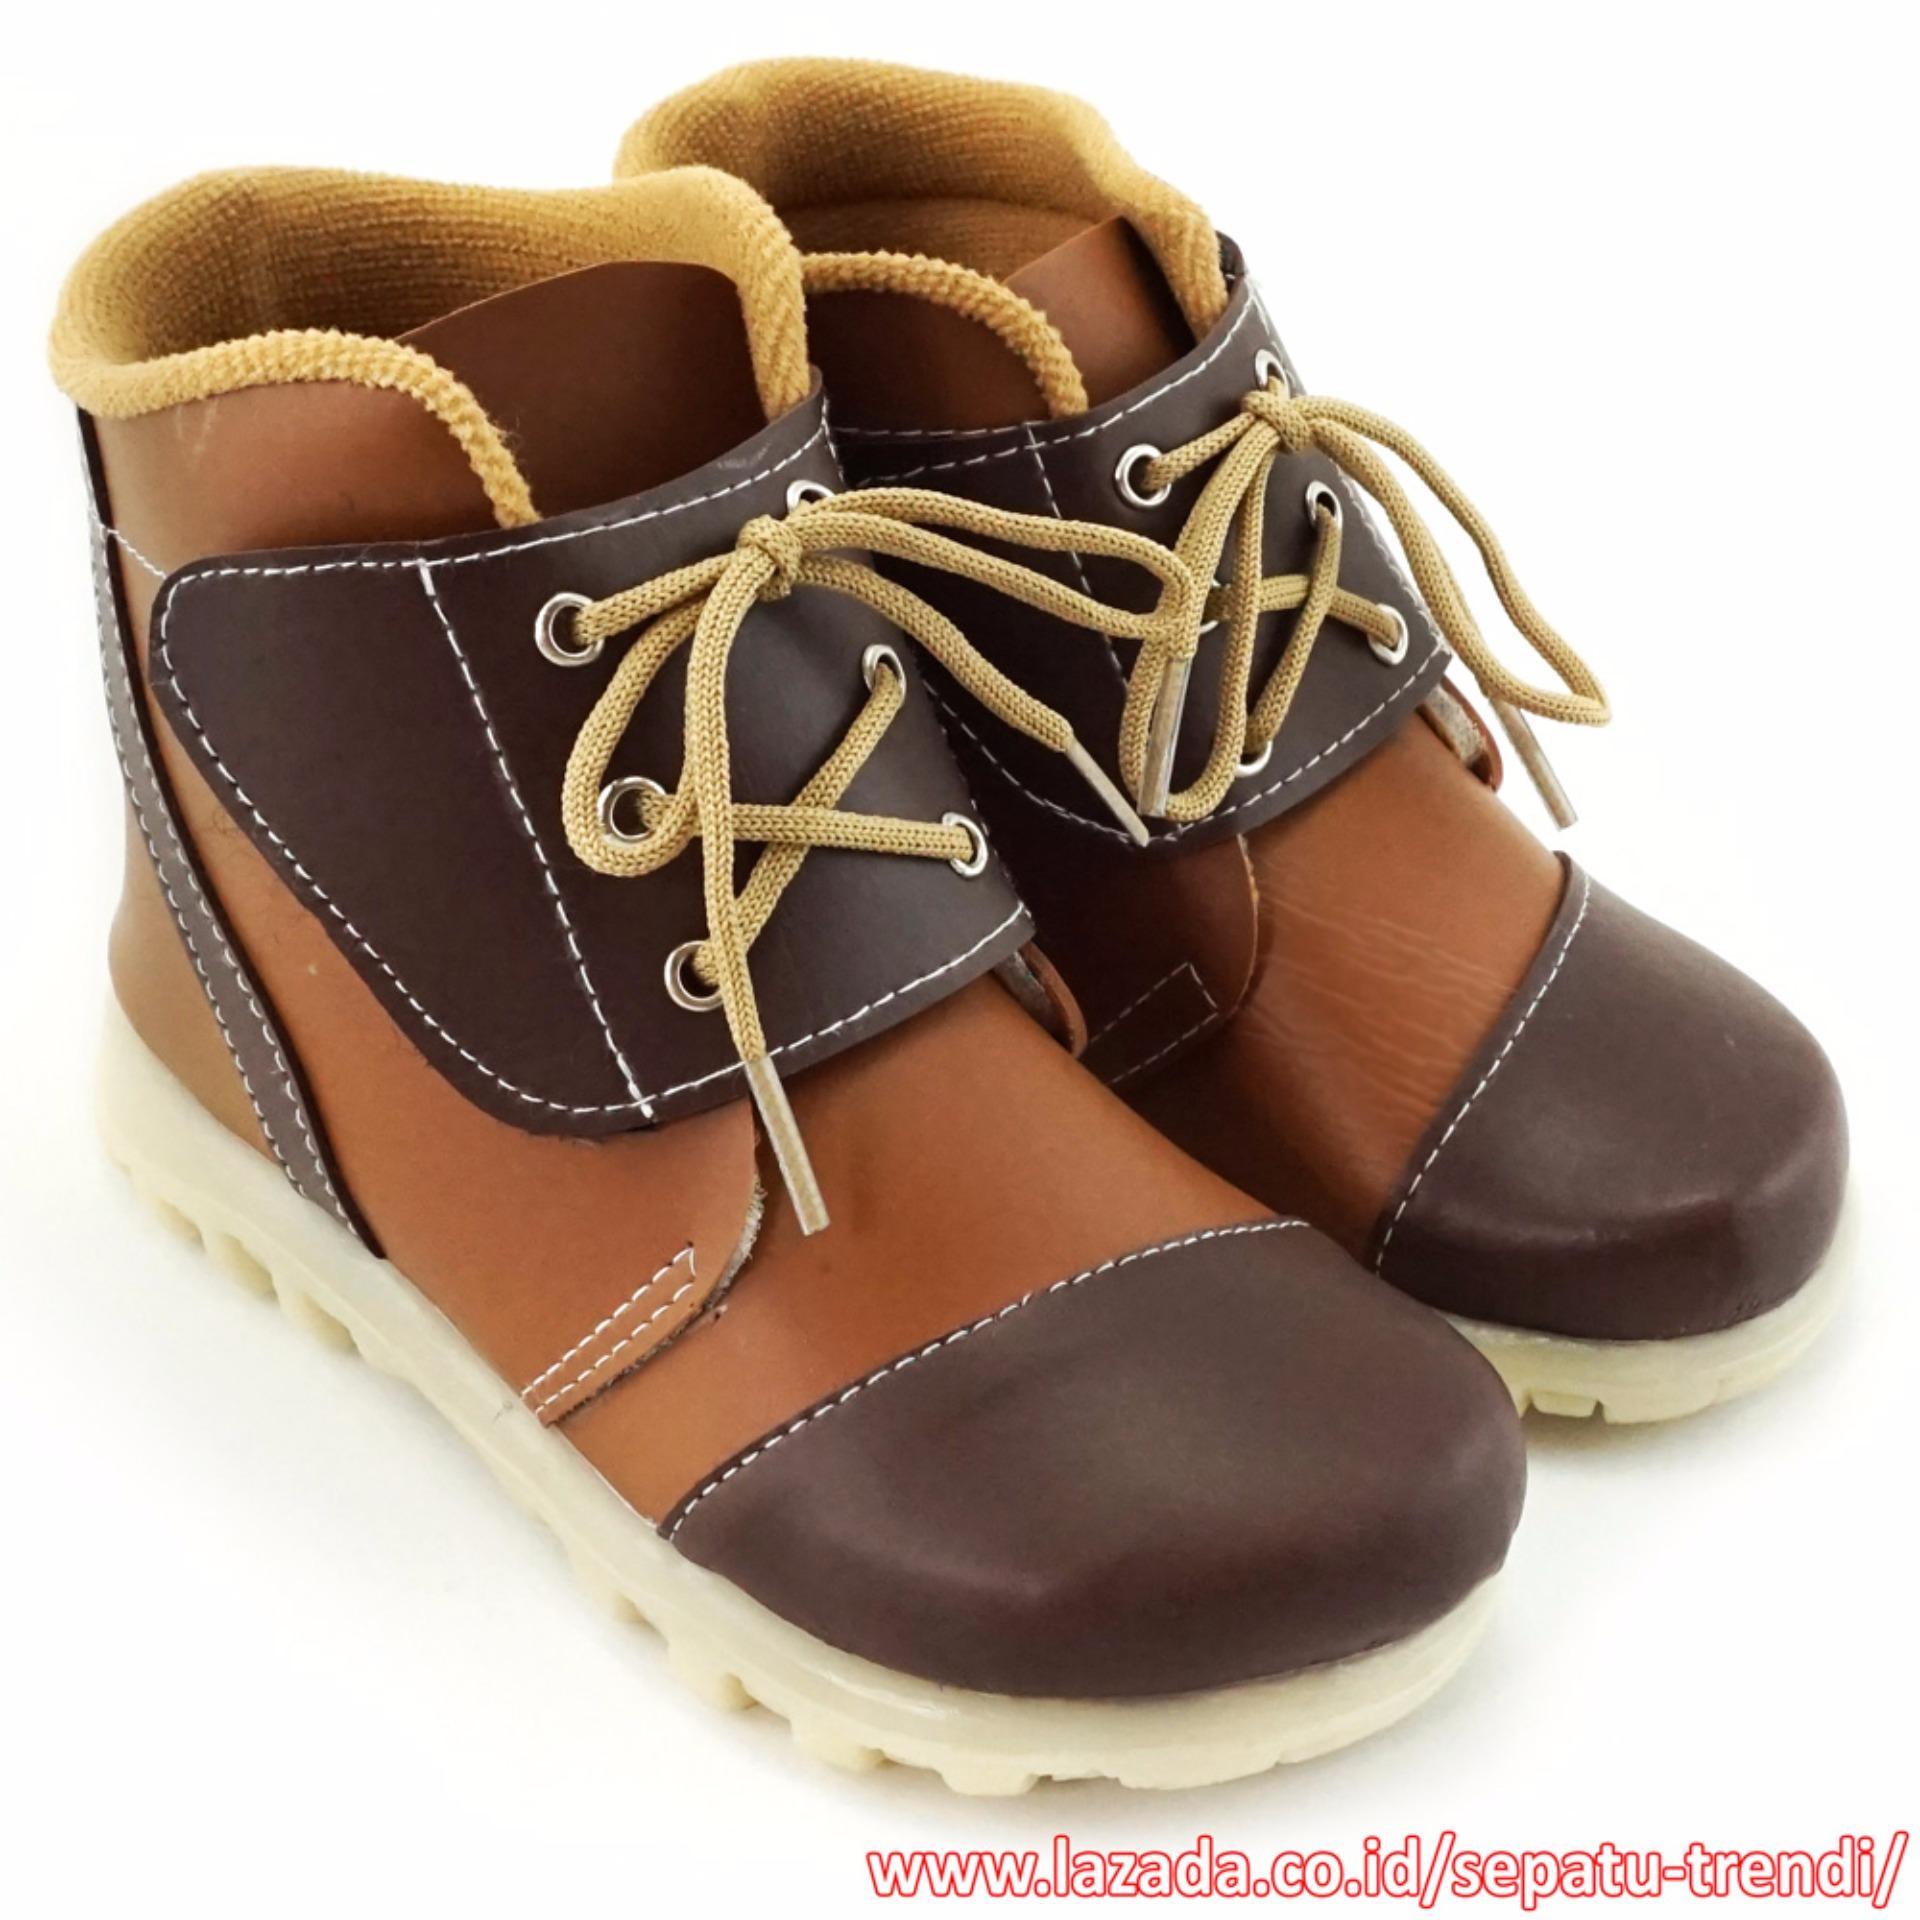 Toko Trendishoes Sepatu Boot Anak Velcro Strap Aksesori Tali 3Lv Cokelat Termurah Di Indonesia